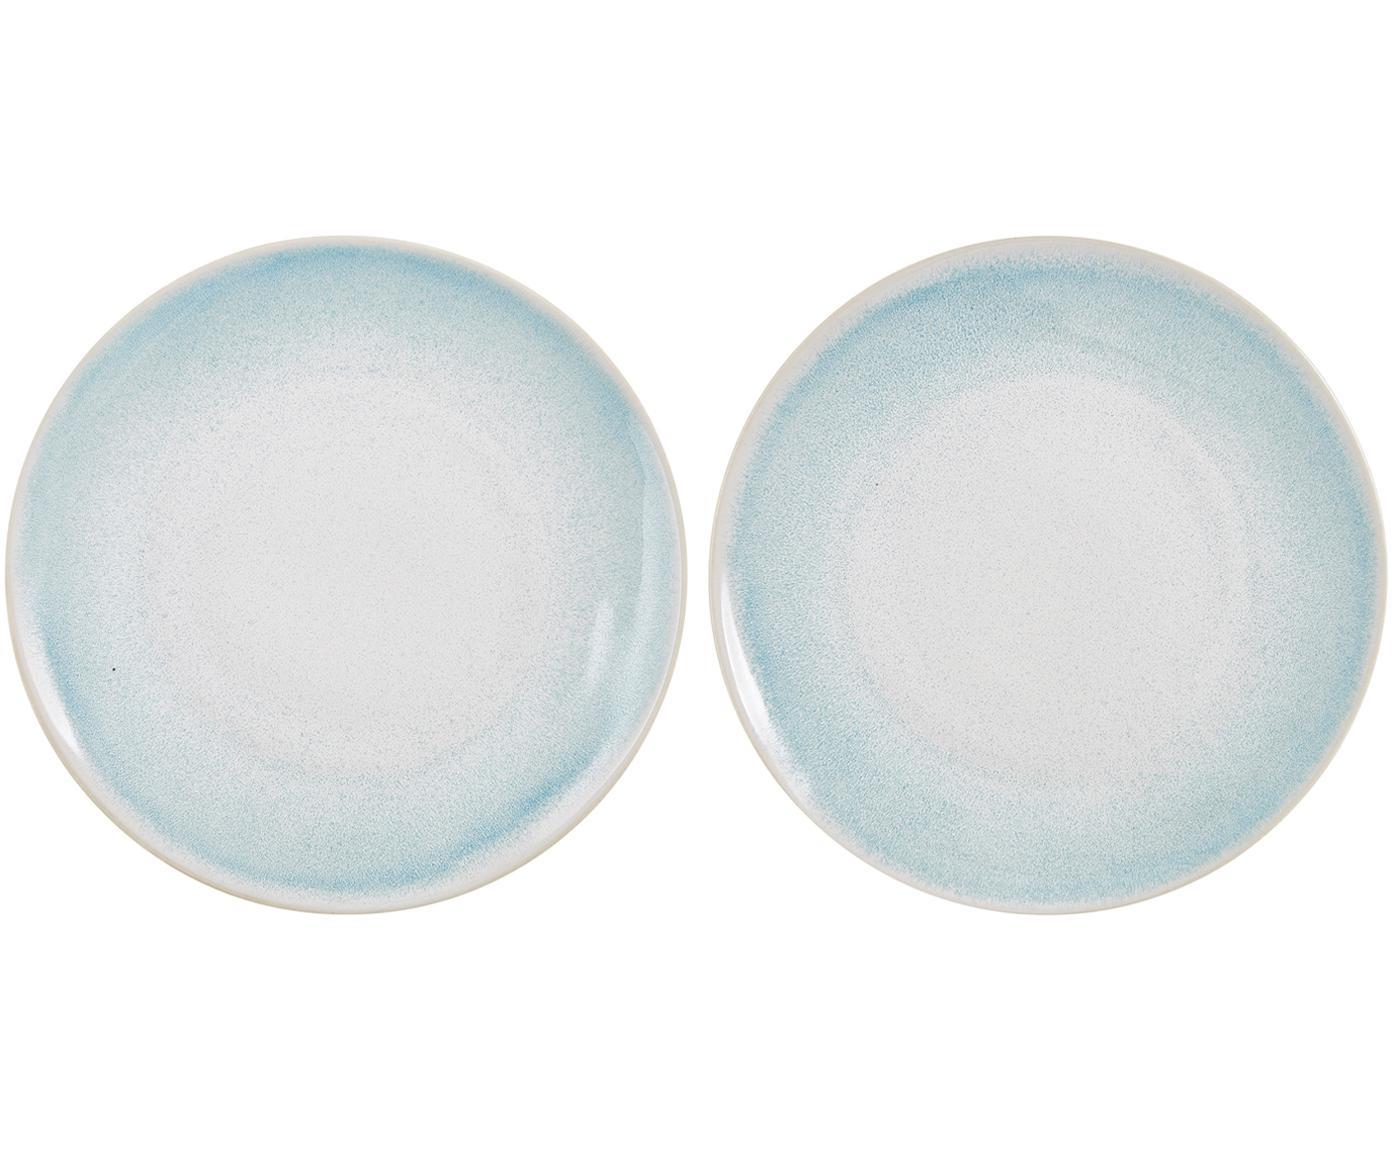 Handgemachte Speiseteller Amalia, 2 Stück, Porzellan, Hellblau, Cremeweiss, Ø 25 cm